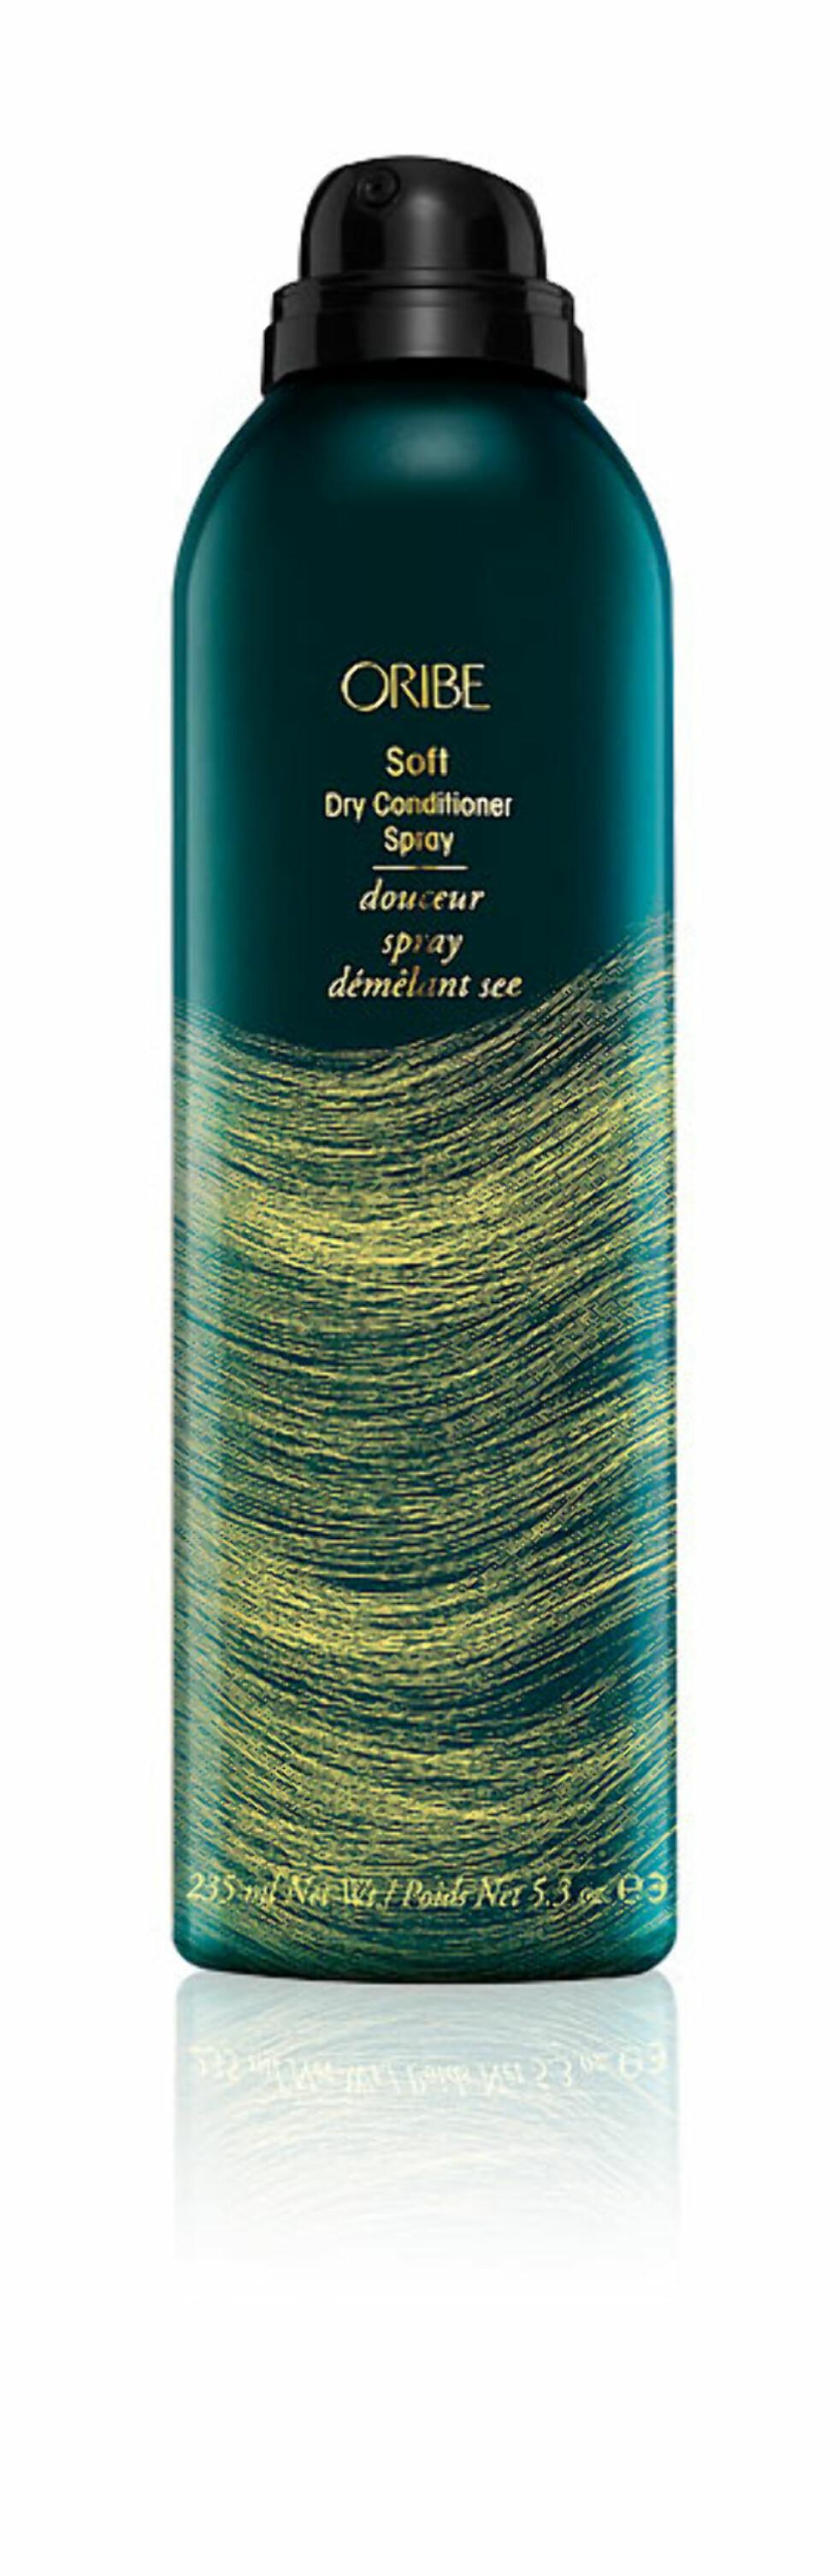 Dry Conditioner Spray fra Oribe, kr 360. Foto: Produsenten